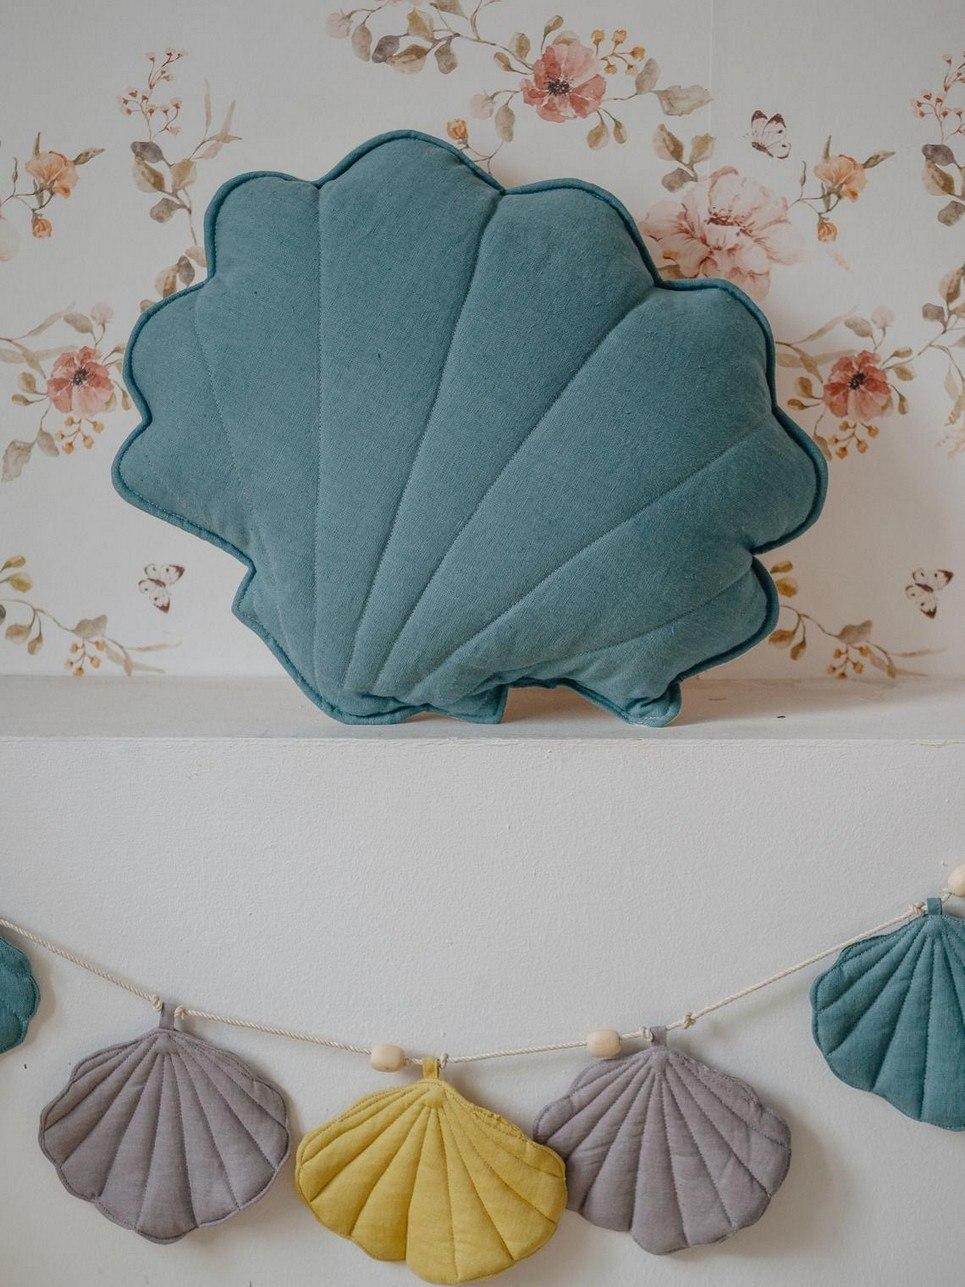 Eye Of The Sea Linen Shell Cushion